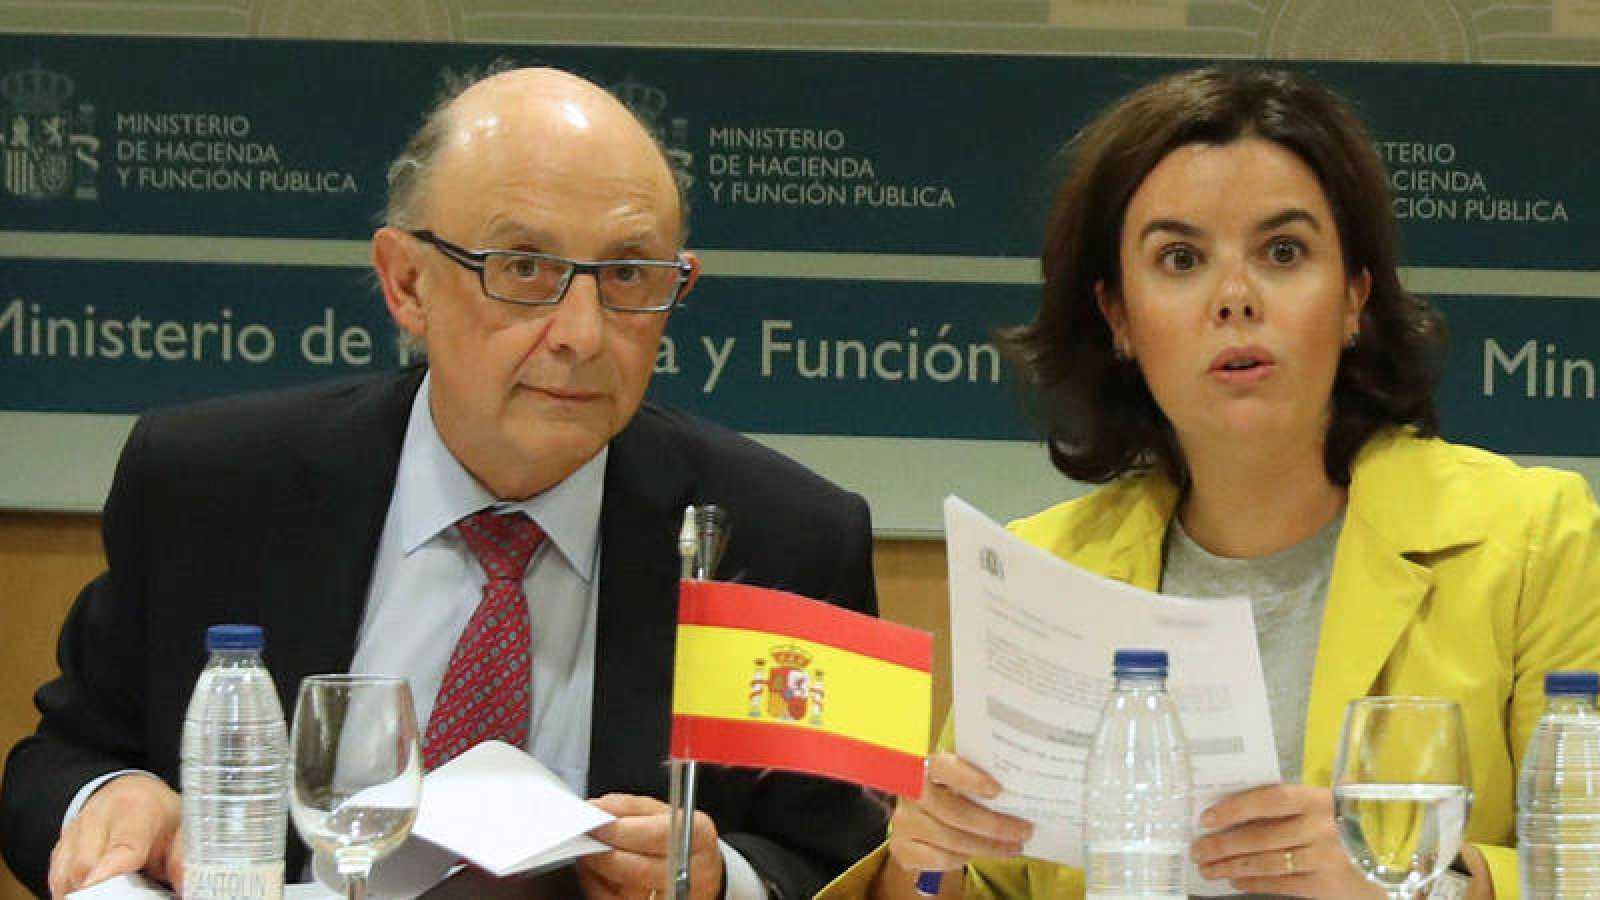 La vicepresidenta del Gobierno, Soraya Sáenz de Santamaría y el ministro de Hacienda, Cristóbal Montoro